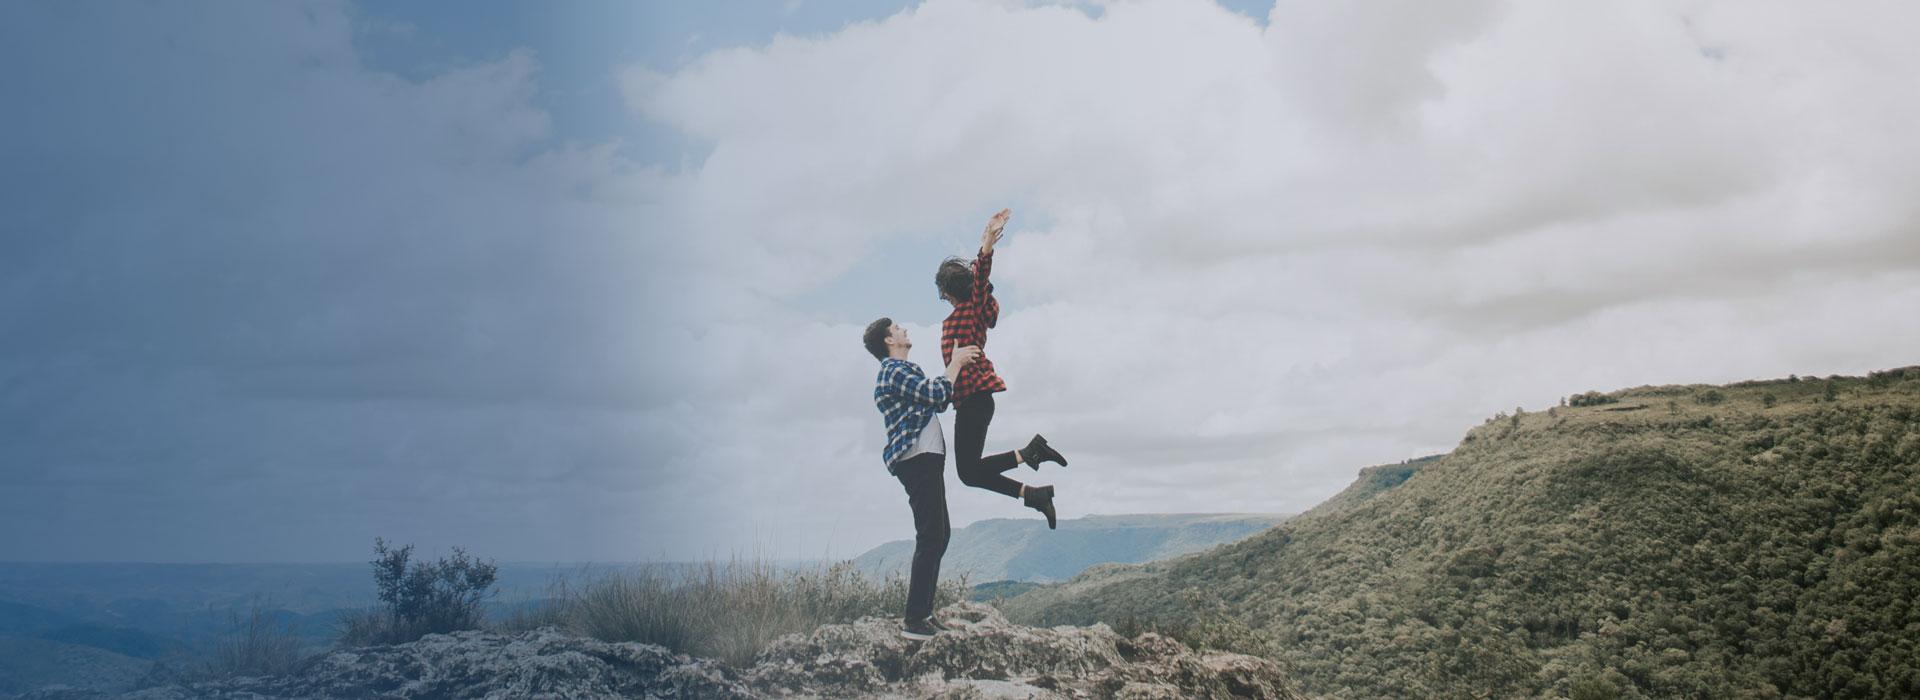 Verliebtes Pärchen auf einem Hügel glücklich ohne Herpes - Herpesfree.de